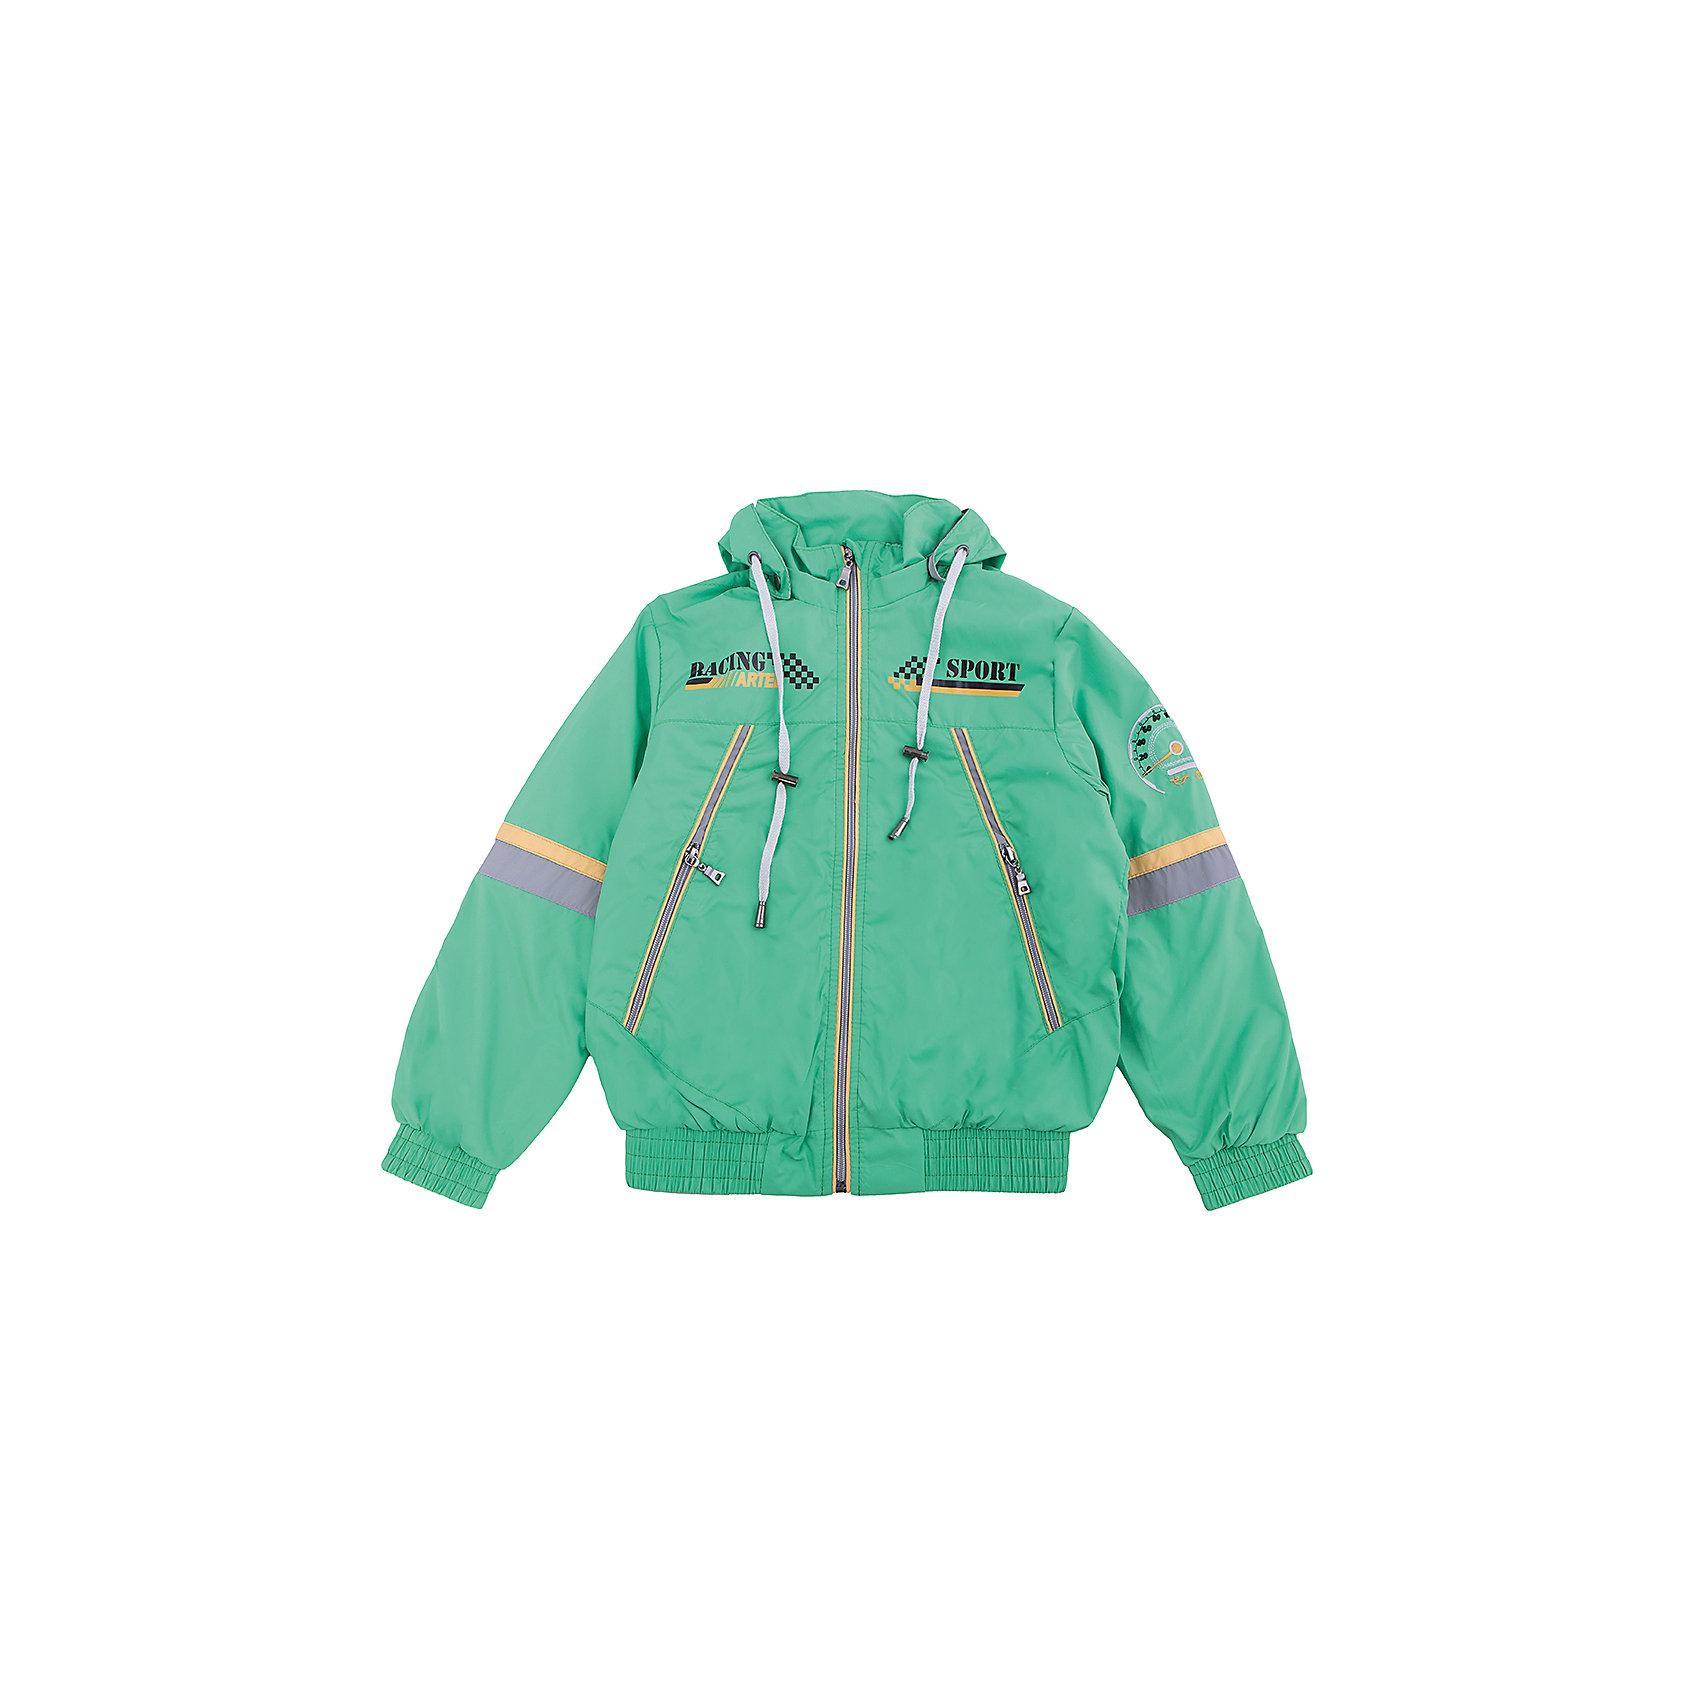 Ветровка для мальчика АртельВетровка для мальчика от торговой марки Артель &#13;<br>&#13;<br>Модная легкая куртка отлично подойдет для прогулок в прохладную погоду. Изделие выполнено из качественных материалов, имеет удобные карманы и капюшон. <br>Одежда от бренда Артель – это высокое качество по приемлемой цене и всегда продуманный дизайн. &#13;<br>&#13;<br>Особенности модели: &#13;<br>- цвет - зеленый;&#13;<br>- наличие карманов;&#13;<br>- наличие капюшона;&#13;<br>- низ и манжеты на резинках;&#13;<br>- декорирована вышивкой и принтом;&#13;<br>- застежка-молния.&#13;<br>&#13;<br>Дополнительная информация:&#13;<br>&#13;<br>Состав: &#13;<br>- верх: PRINC;&#13;<br>- подкладка: тиси.&#13;<br>&#13;<br>Температурный режим: &#13;<br>от +10 °C до +20 °C&#13;<br>&#13;<br>Ветровку для мальчика Артель (Artel) можно купить в нашем магазине.<br><br>Ширина мм: 356<br>Глубина мм: 10<br>Высота мм: 245<br>Вес г: 519<br>Цвет: зеленый<br>Возраст от месяцев: 84<br>Возраст до месяцев: 96<br>Пол: Мужской<br>Возраст: Детский<br>Размер: 128,140,146,134<br>SKU: 4496159